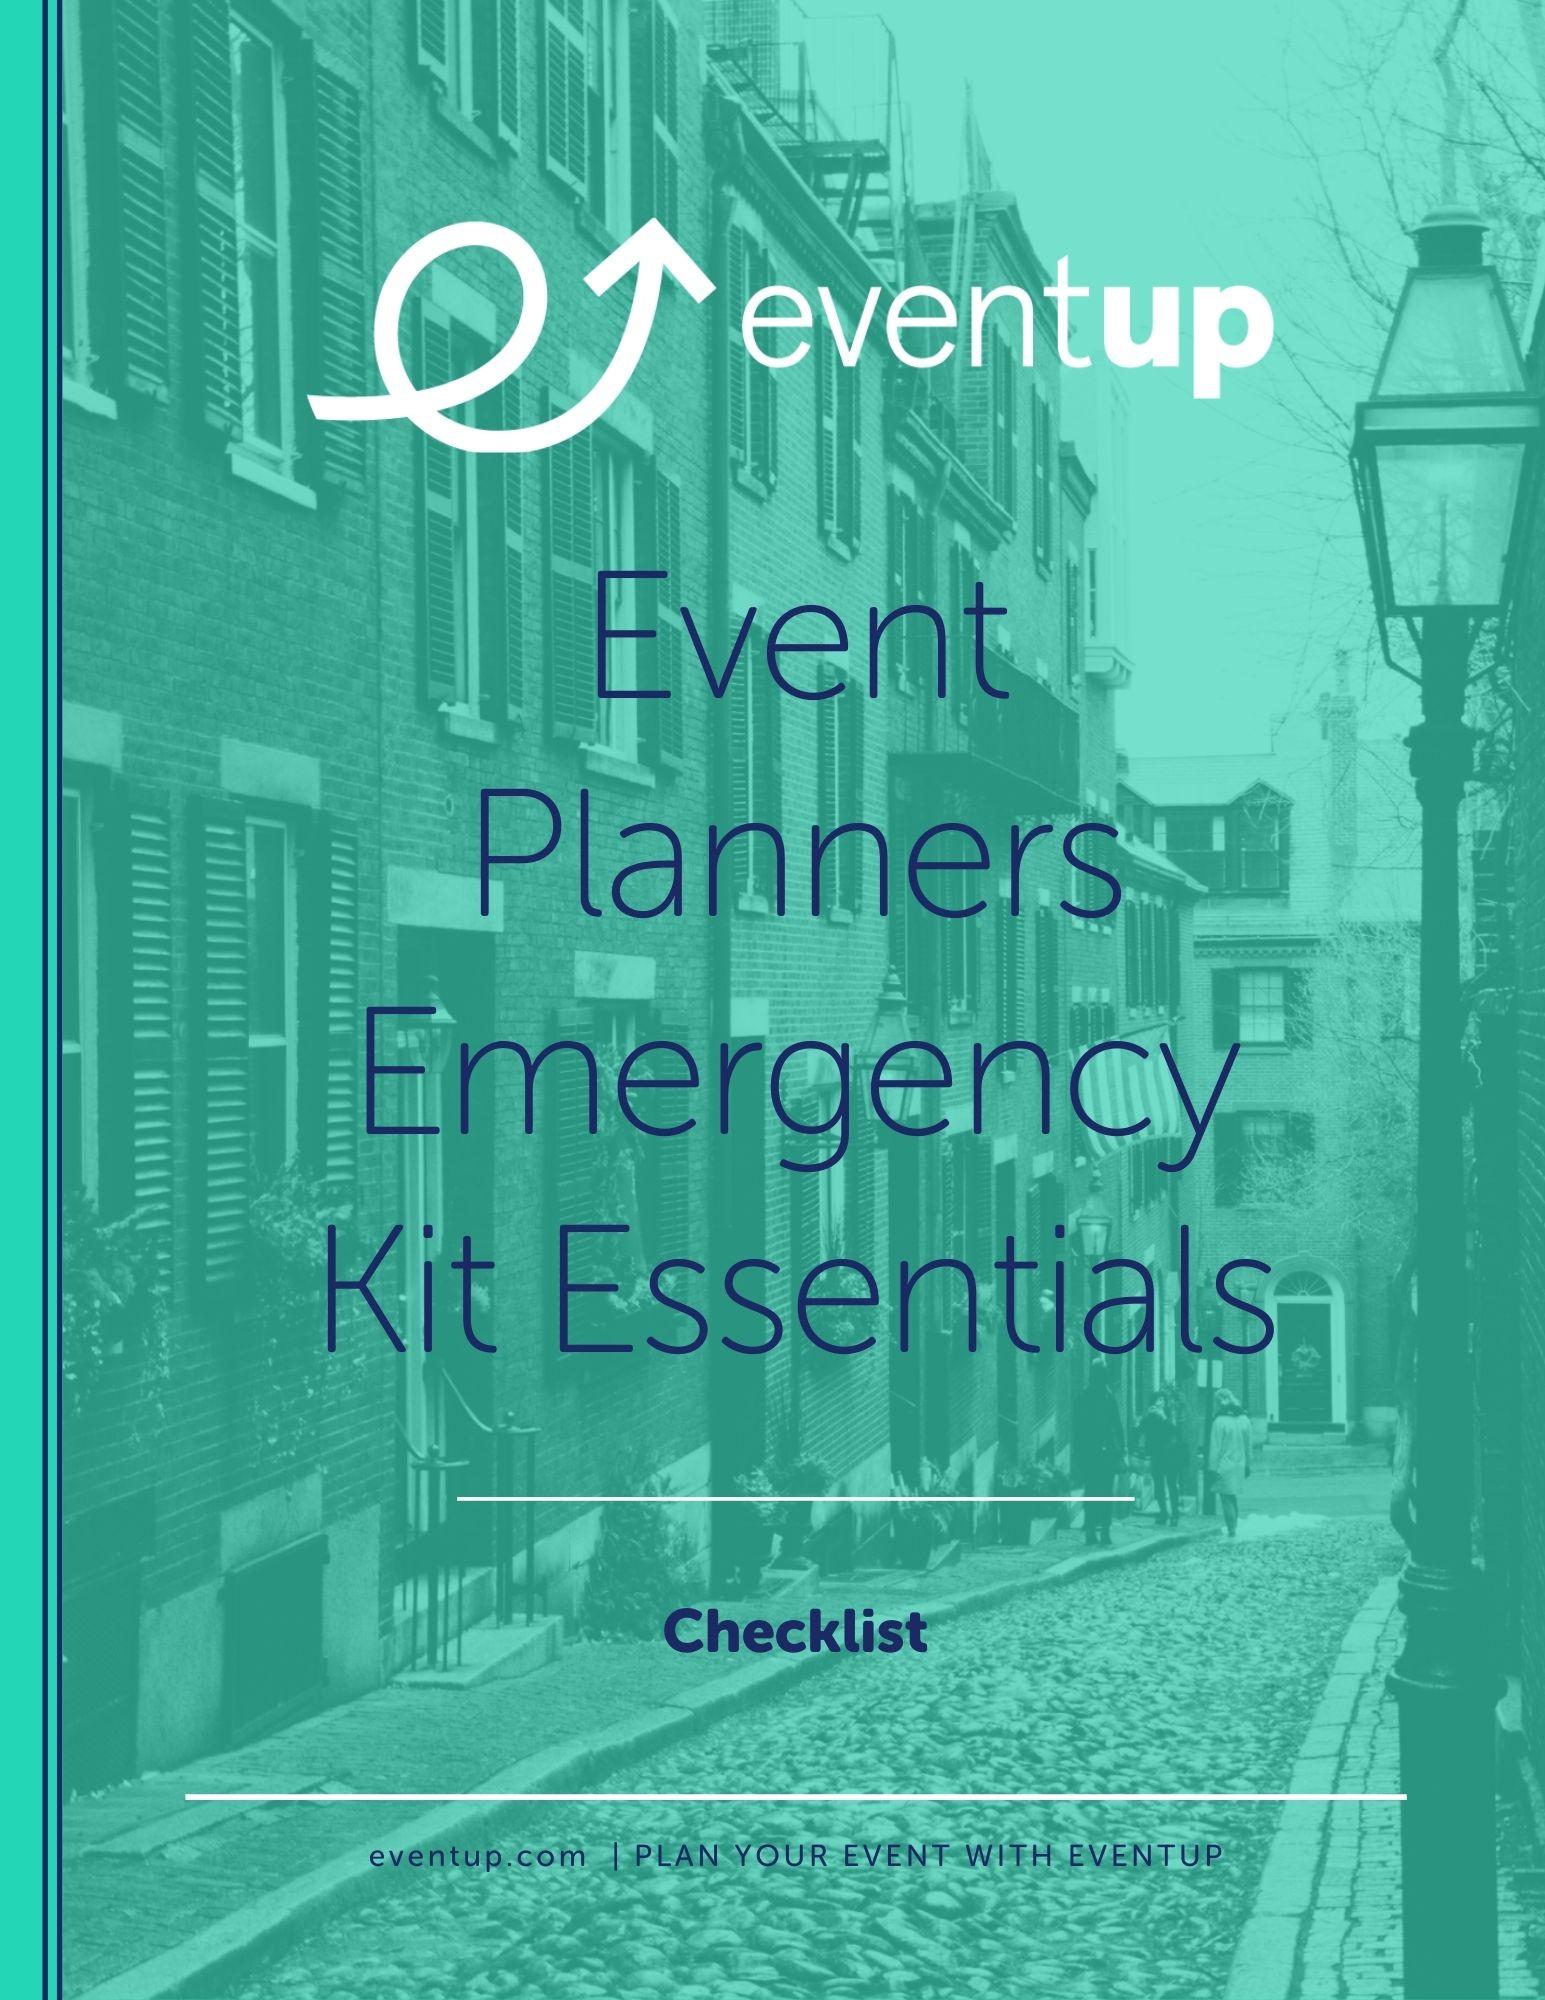 EventUp - Checklist - Event Planner Emergency Kit Essentials